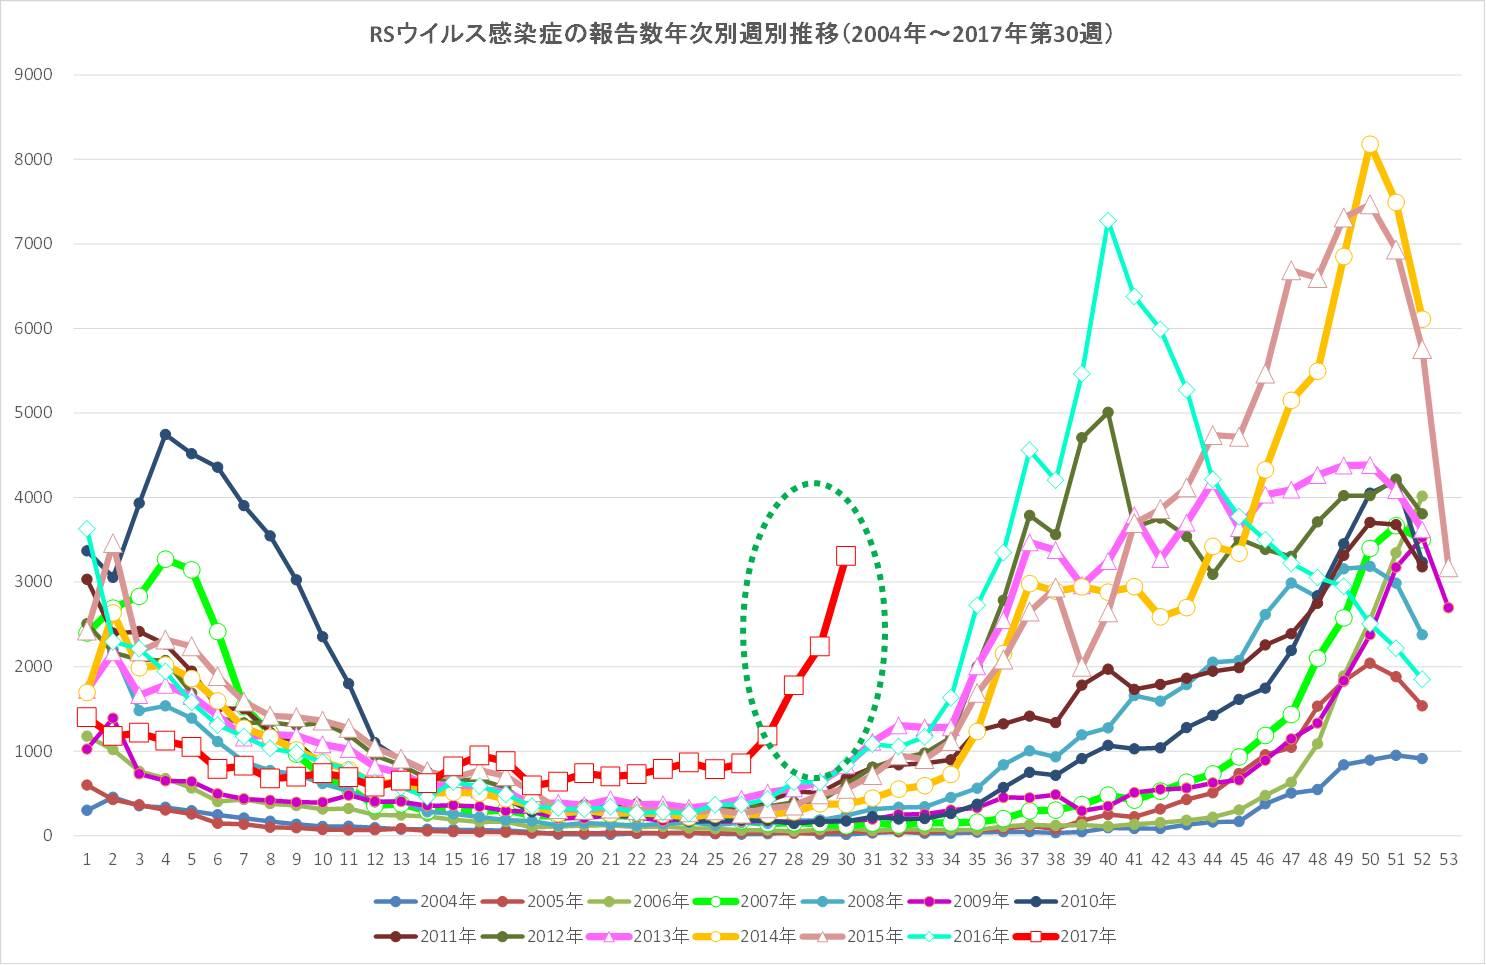 図.RSウイルス感染症 流行の様子<br />情報元:IDWR2017年第30週(2017年7月24日〜2017年7月30日)